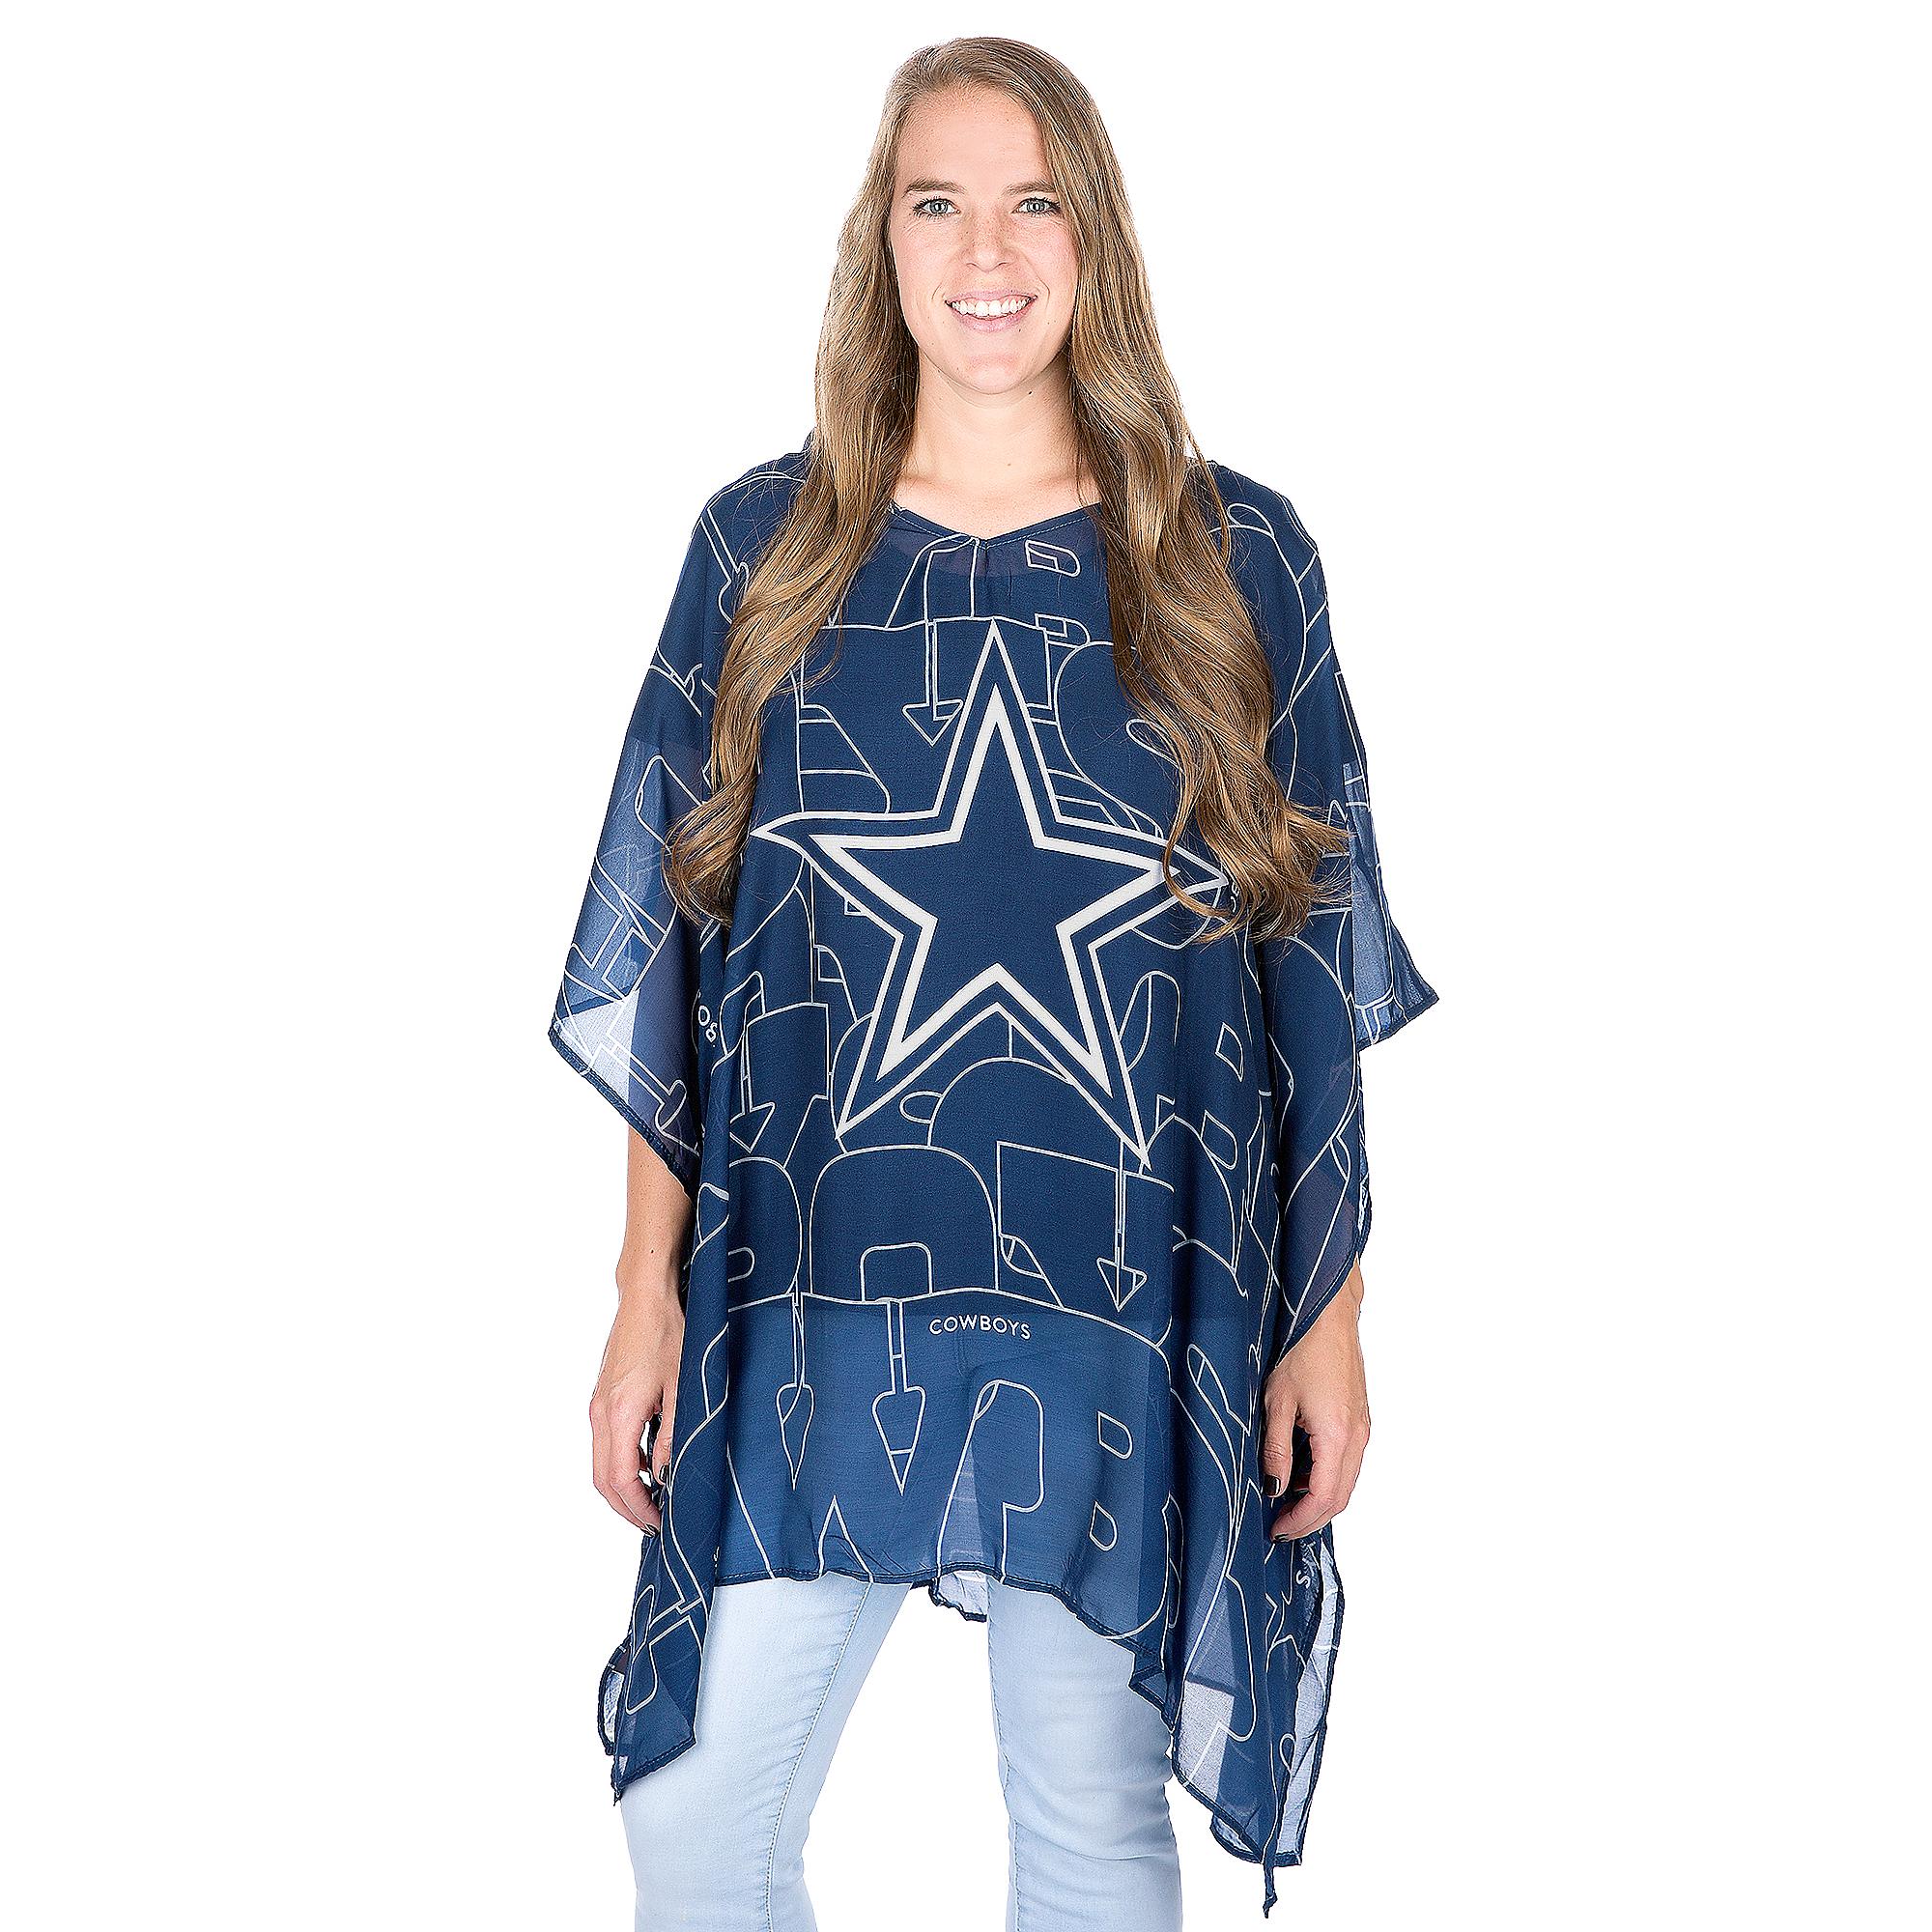 Dallas Cowboys Caftan